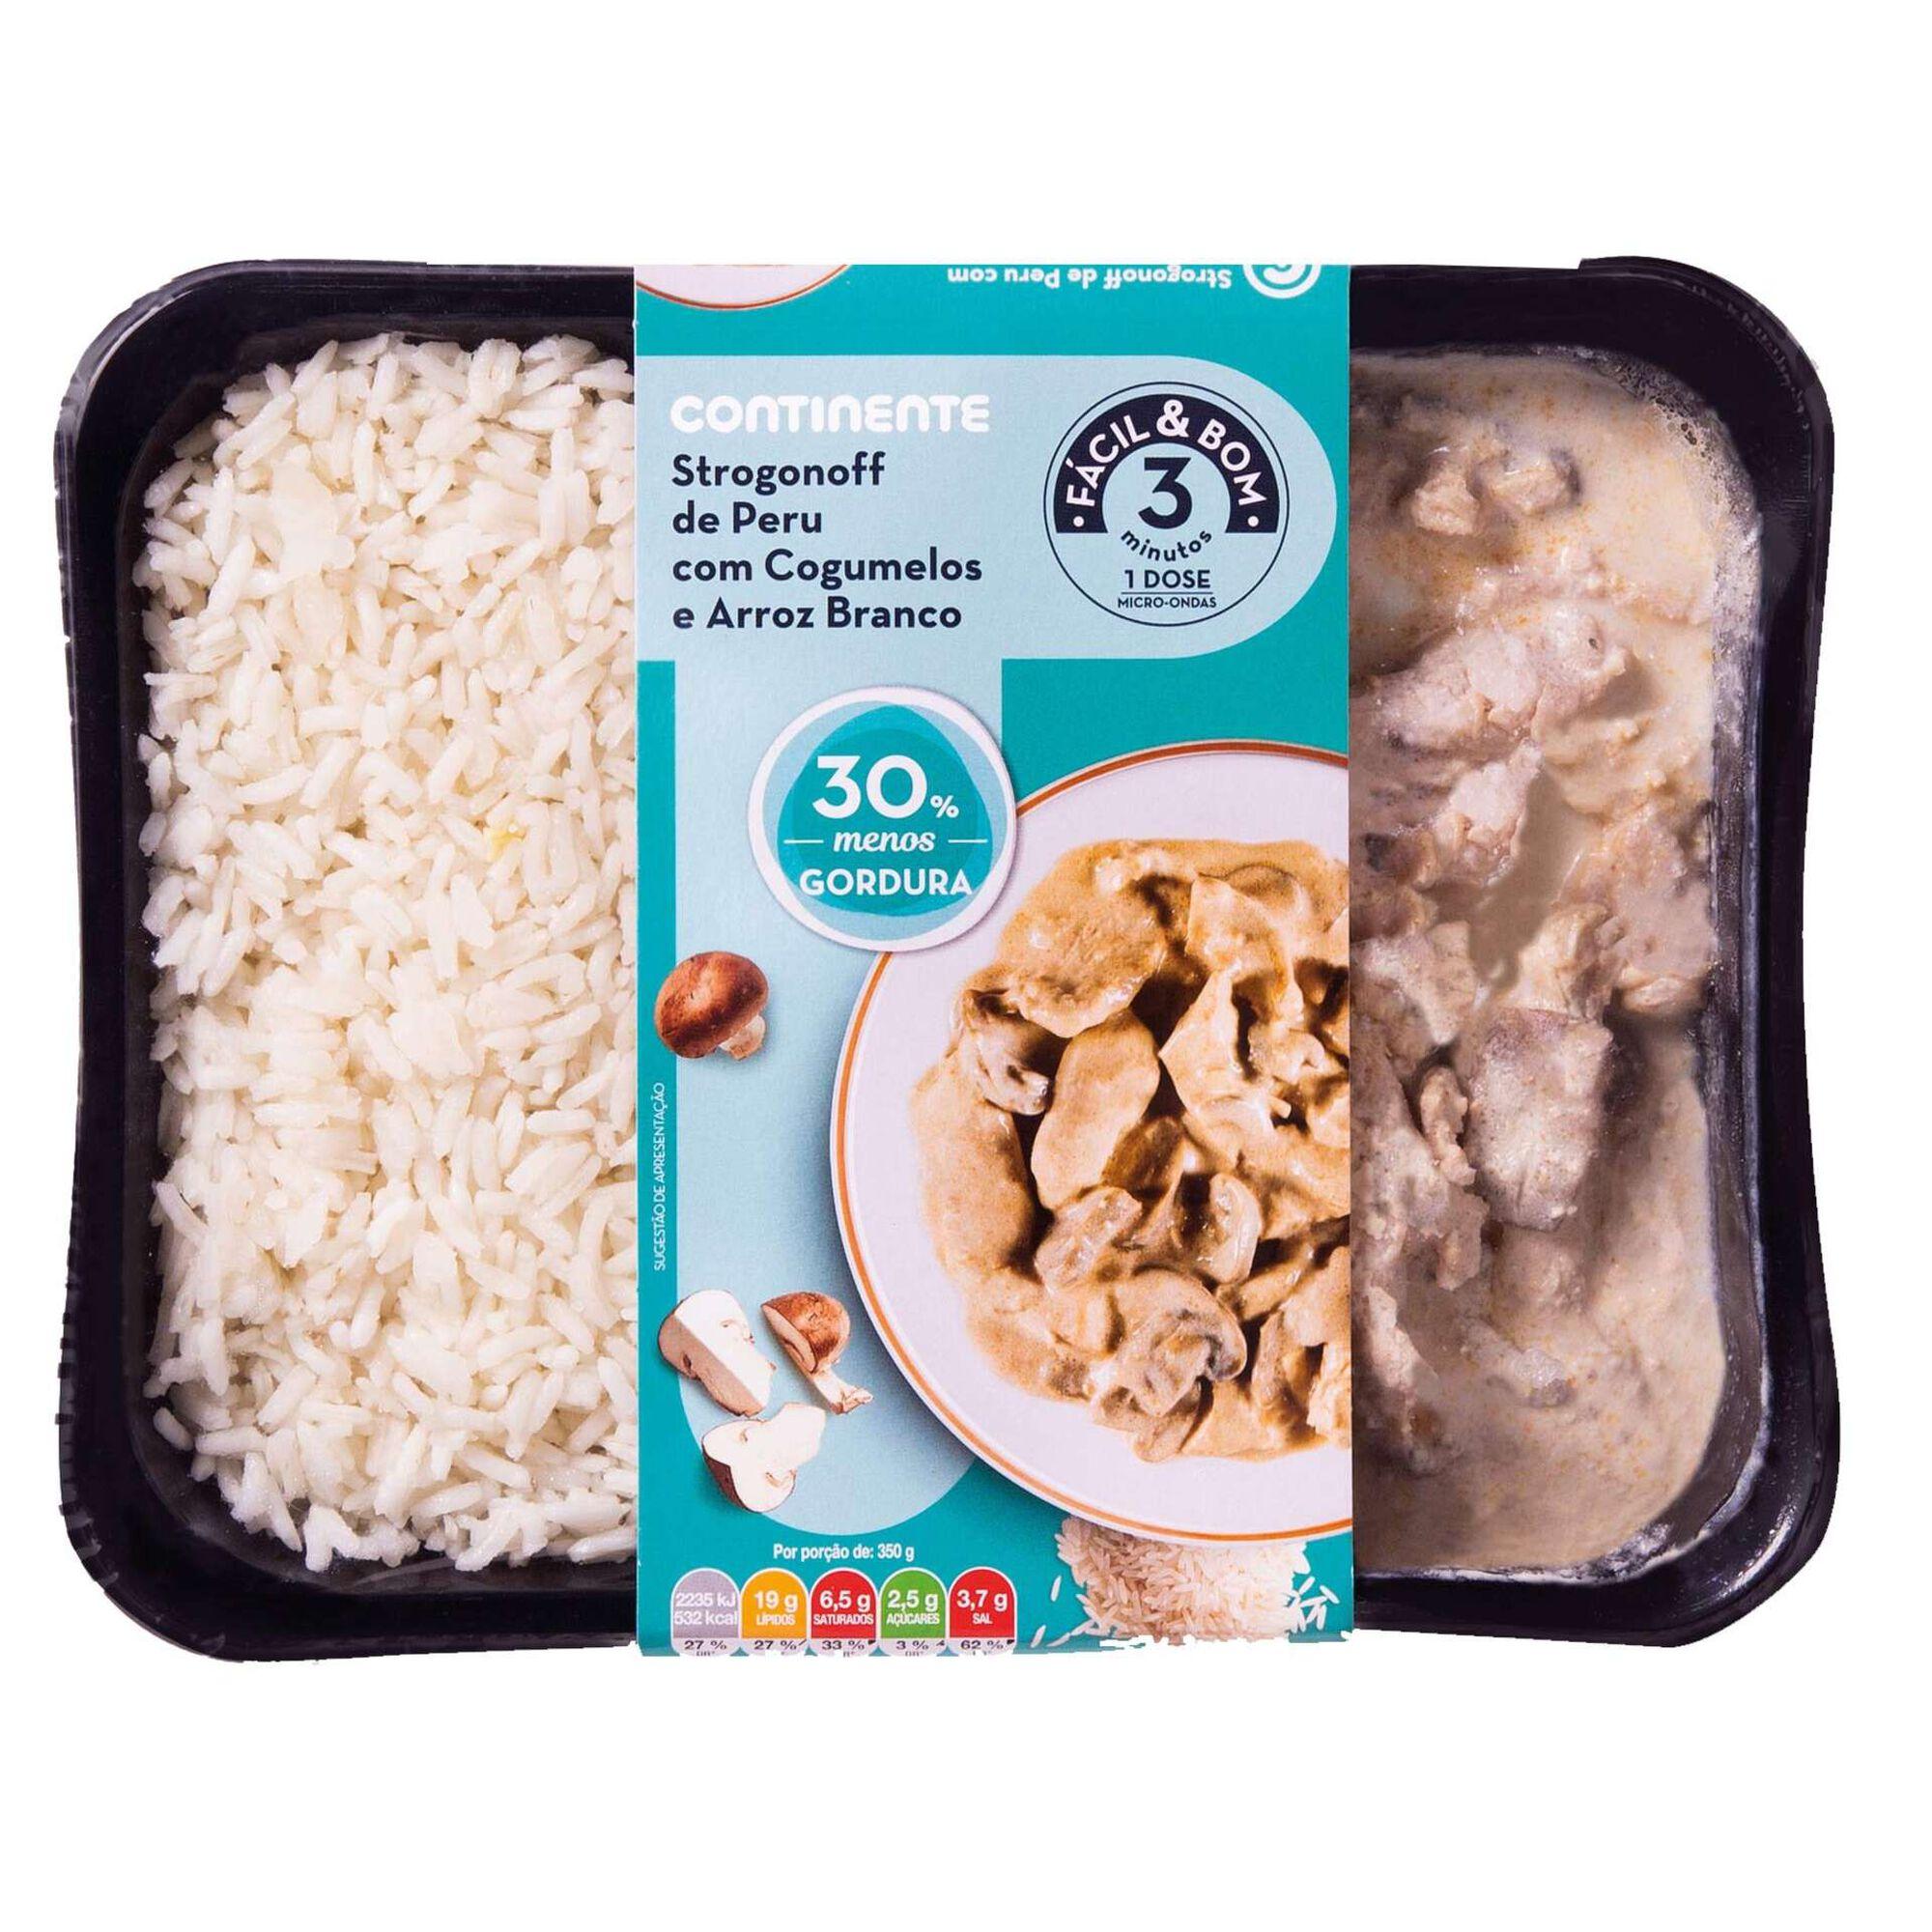 Strogonoff de Peru com Cogumelos e Arroz - 30% gordura